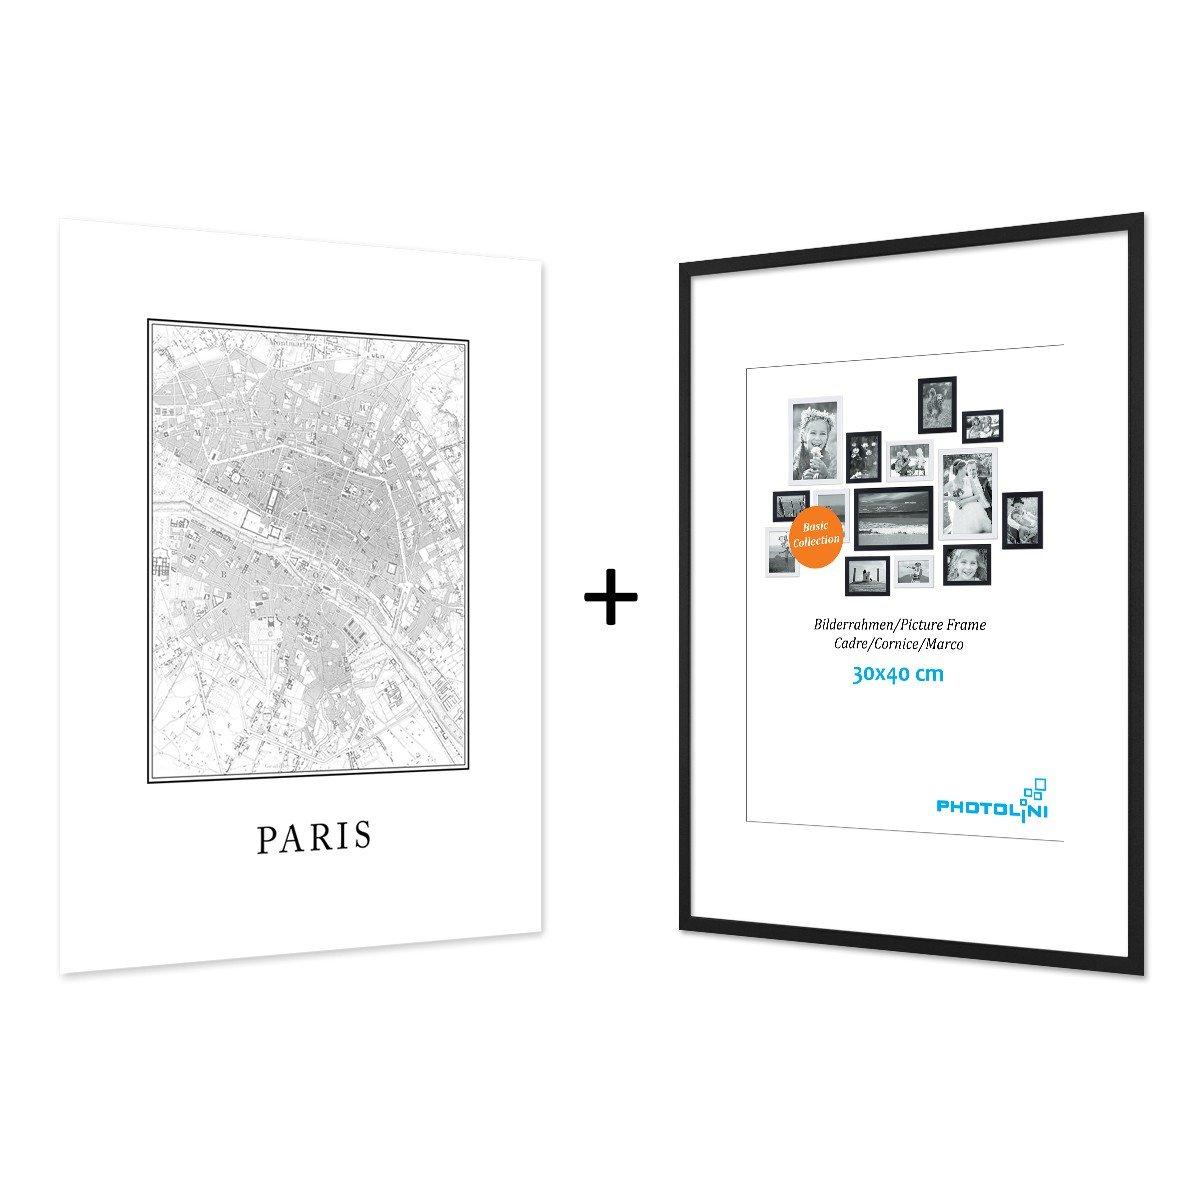 Großartig 30x40 Zoll Plakatrahmen Galerie - Benutzerdefinierte ...